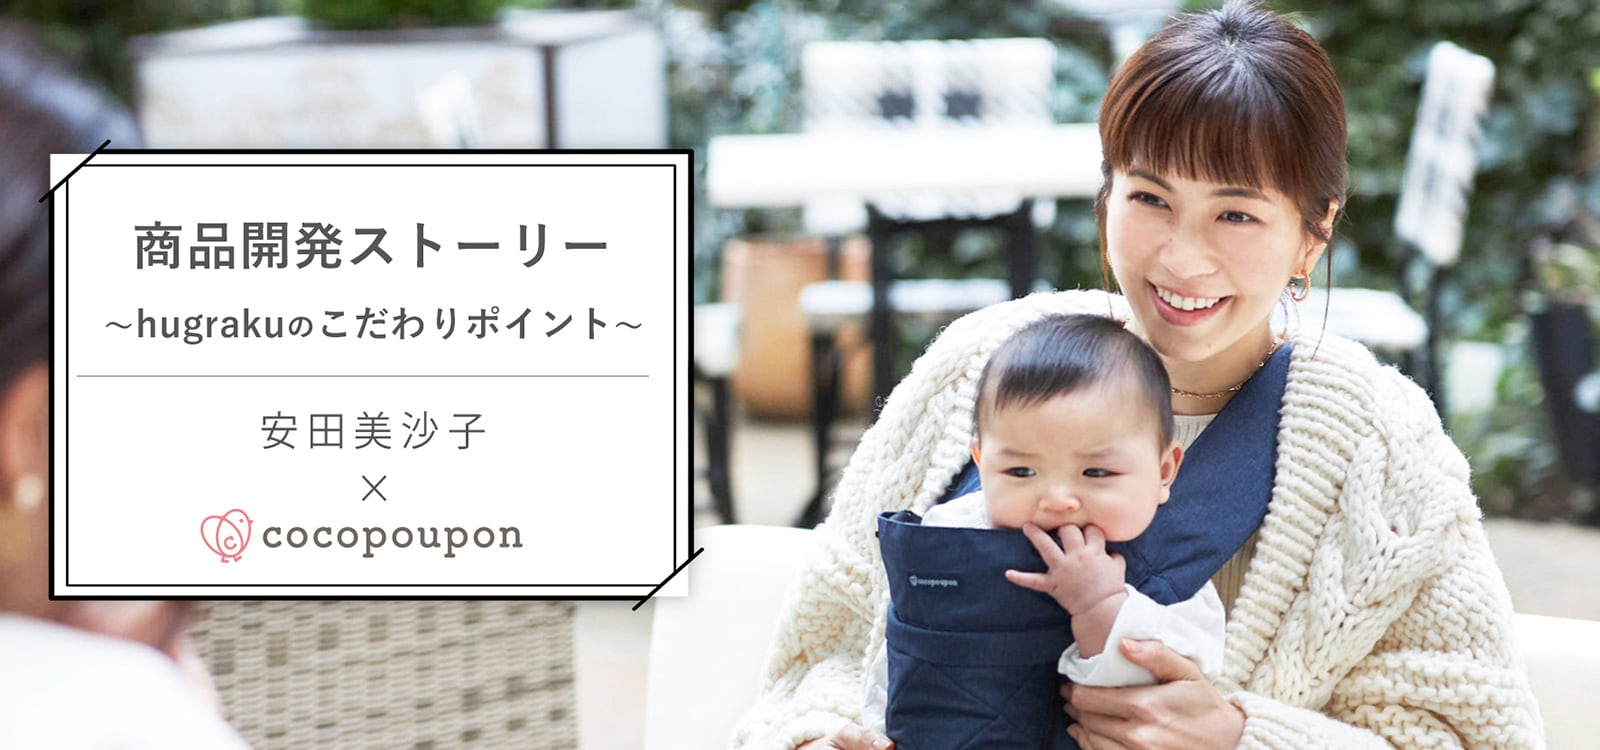 安田美沙子さんコラボ企画 スペシャルインタビュー